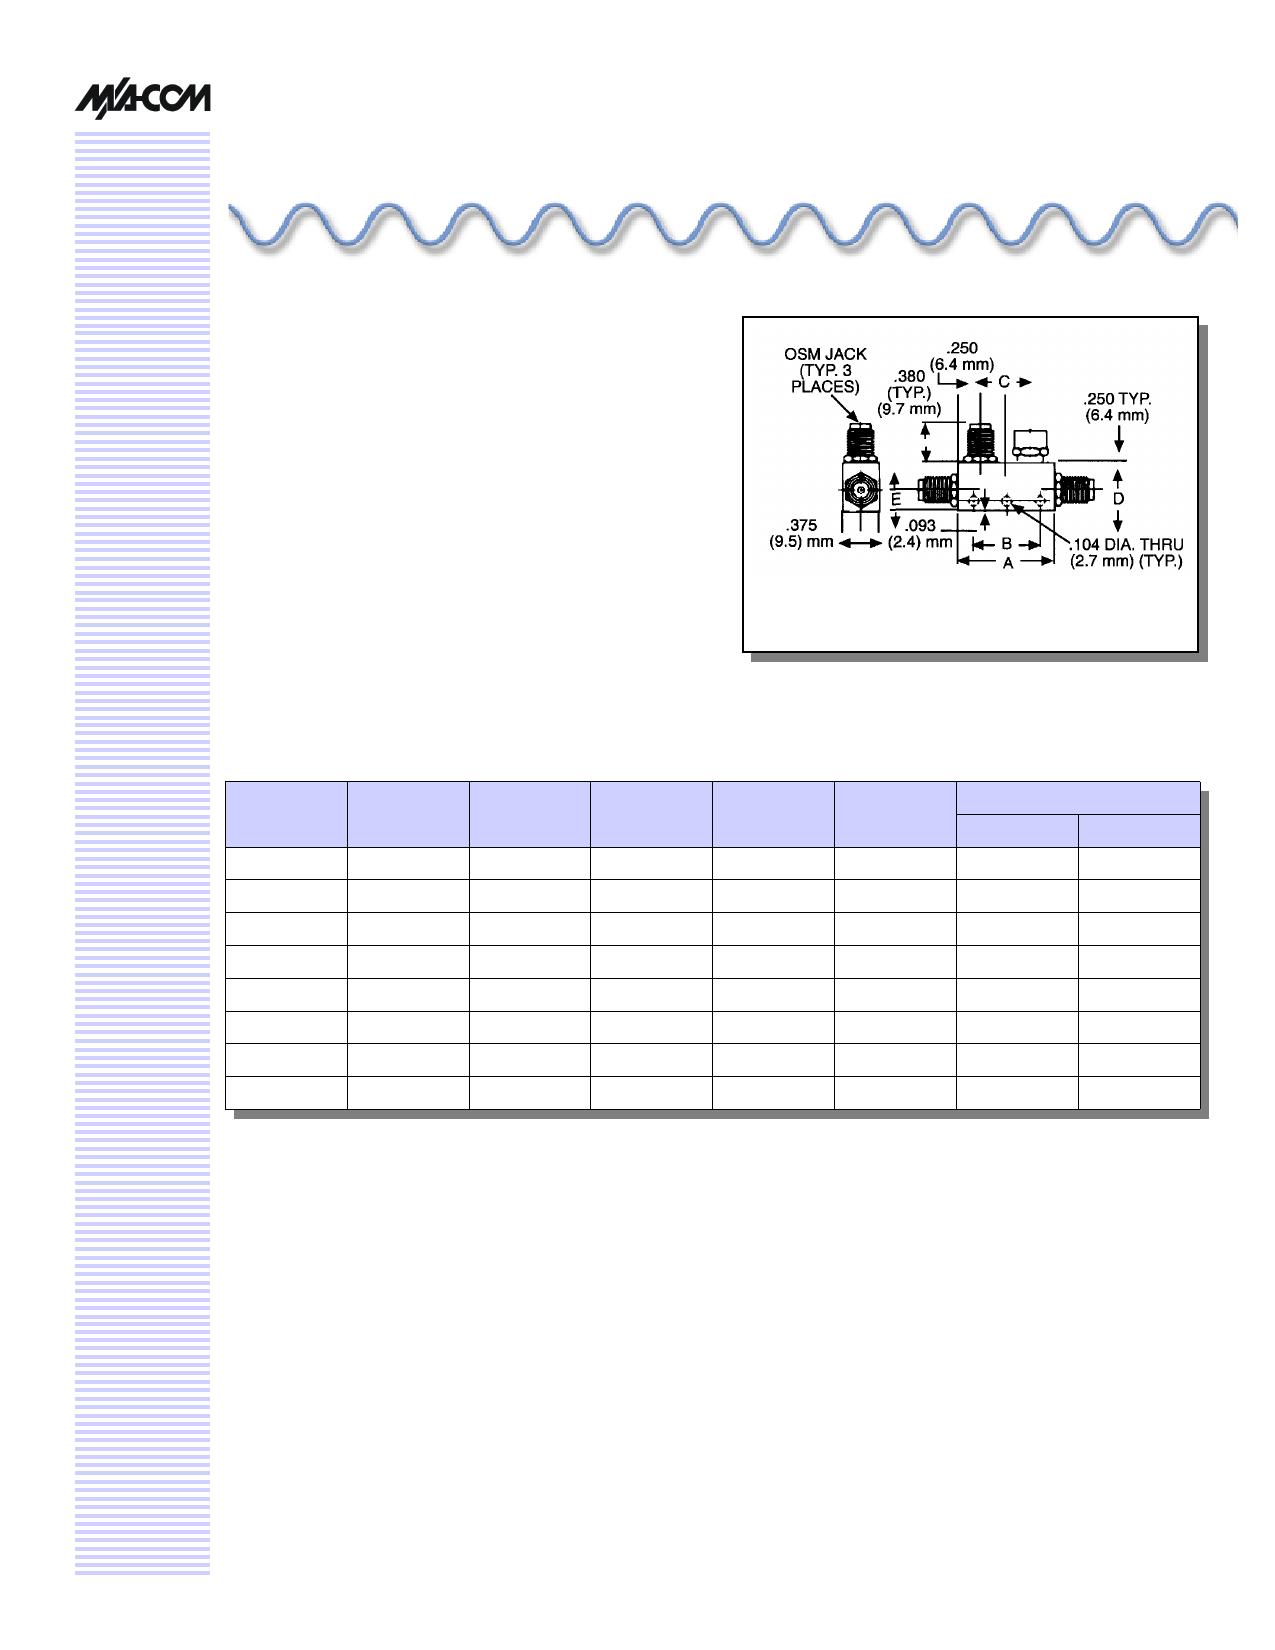 2020-6624-06 datasheet